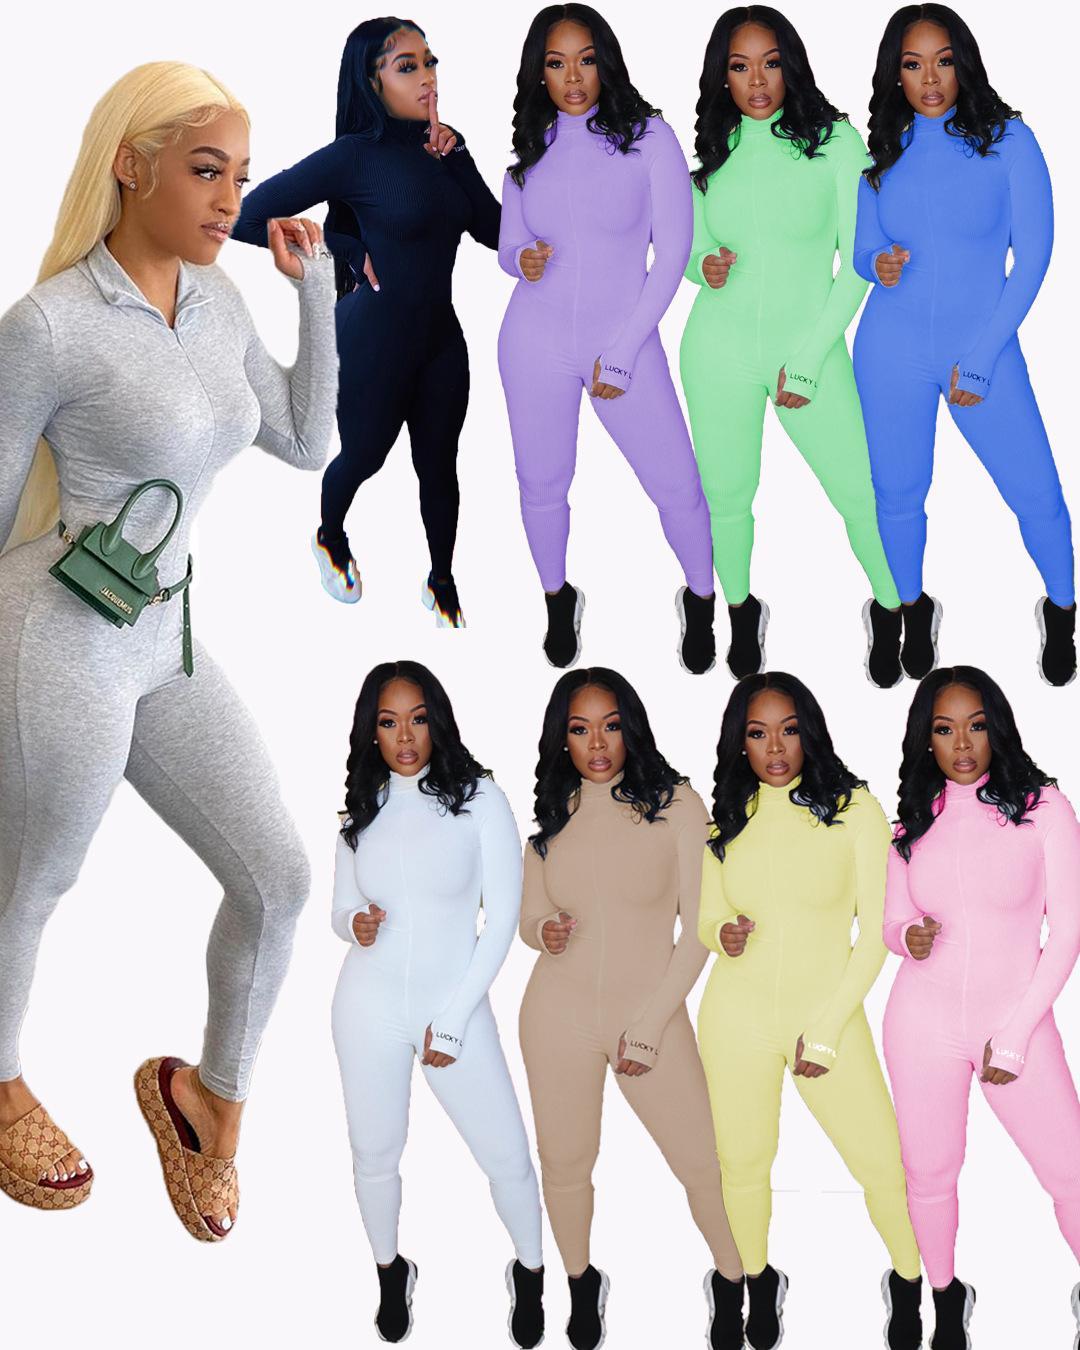 Kadınlar Tasarımcılar Giyim 2020 Süper Yumuşak Kaburga Nakış Stretch Büyük Spor Tulum Triko Artı boyutu Kadın Giyim